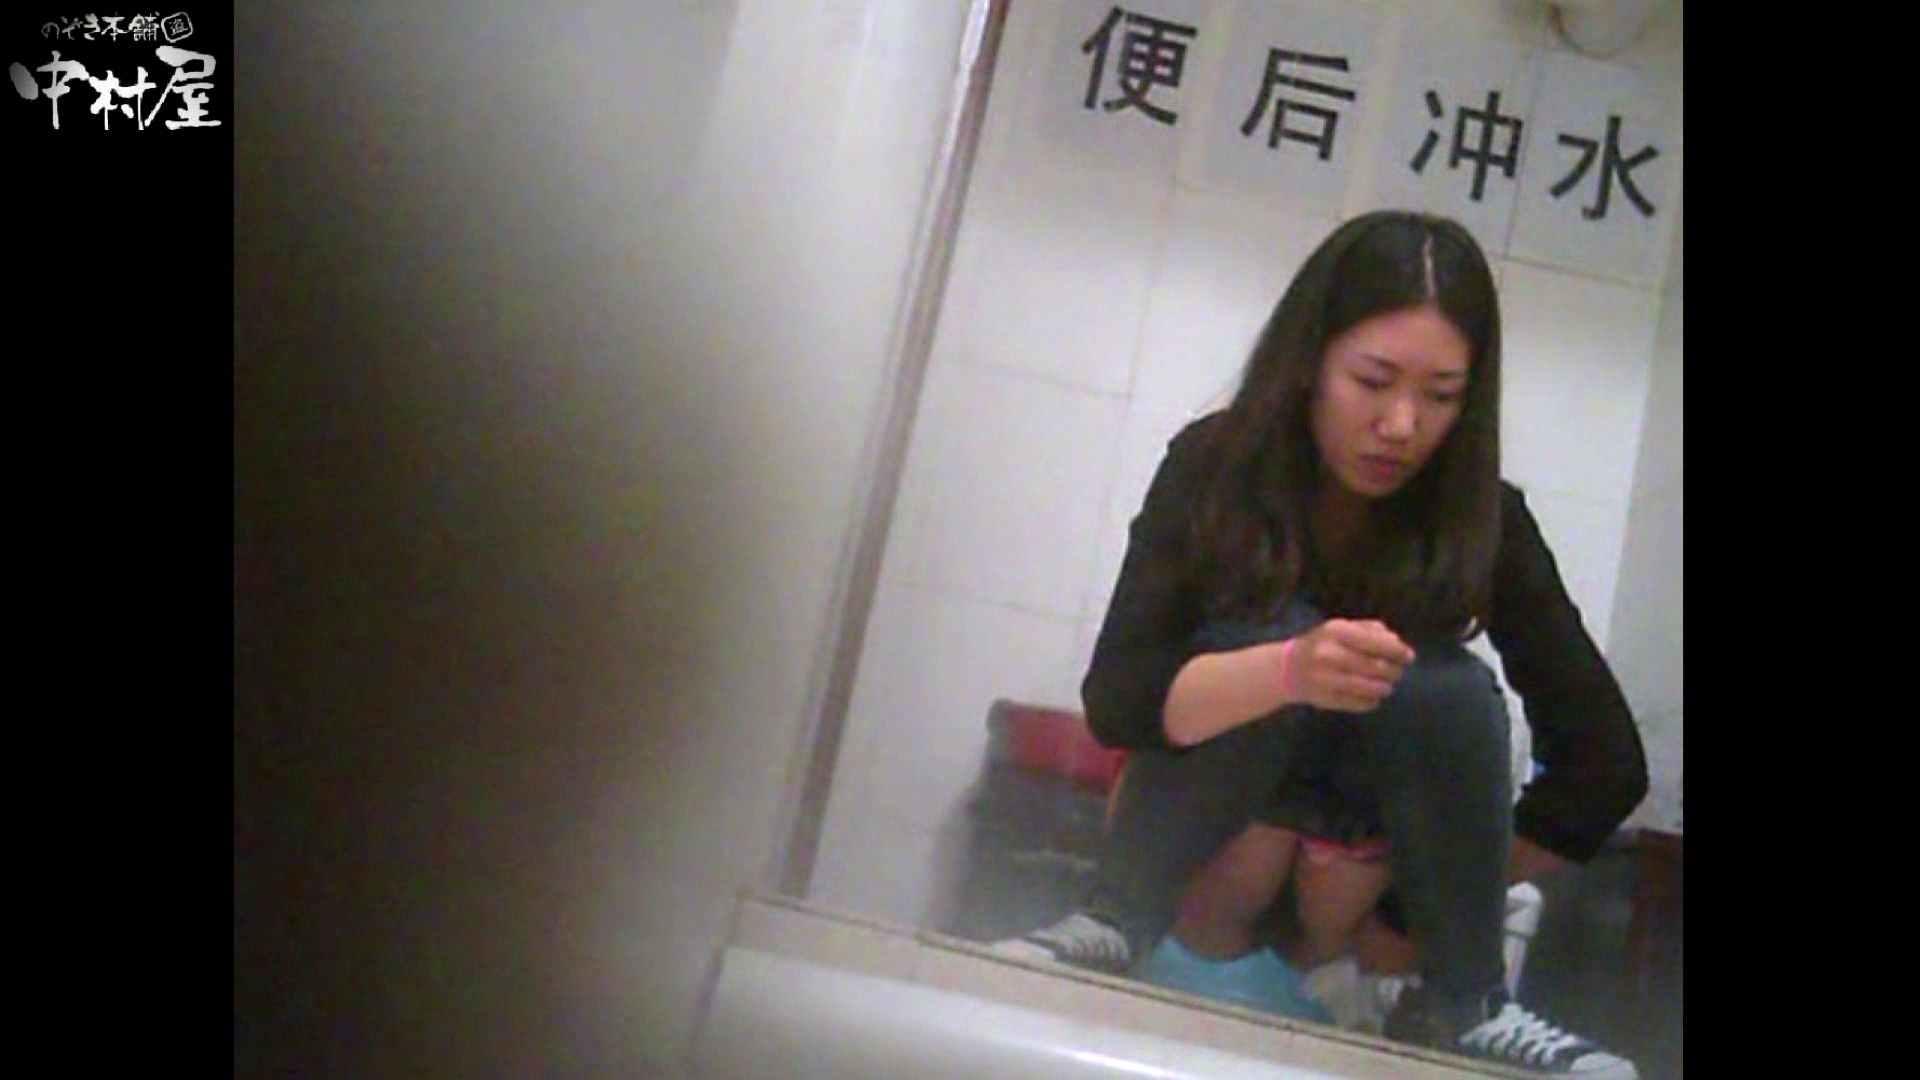 李さんの盗撮日記 Vol.07 女体盗撮 盗撮ヌード画像 76連発 48